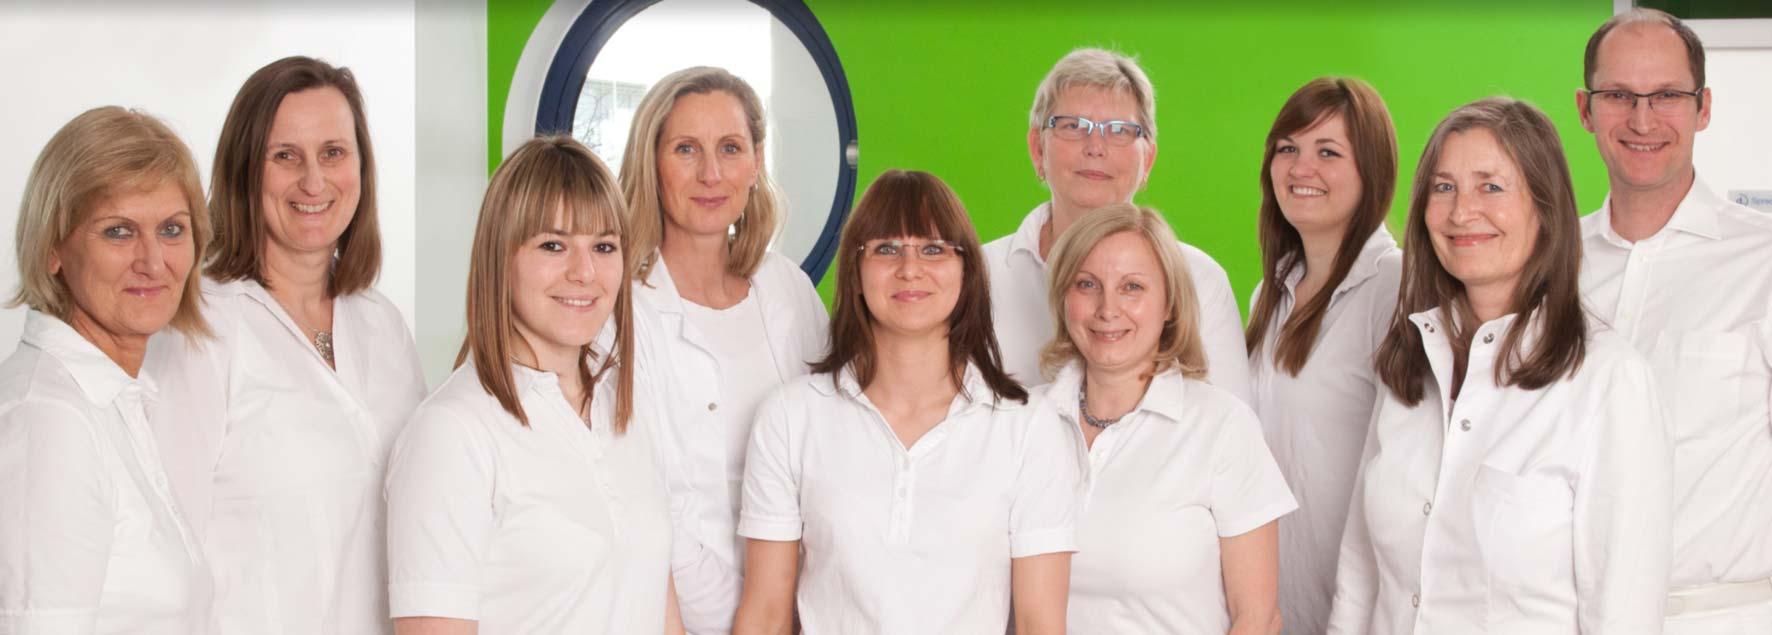 Willkommen in der Diabetologie Steglitz